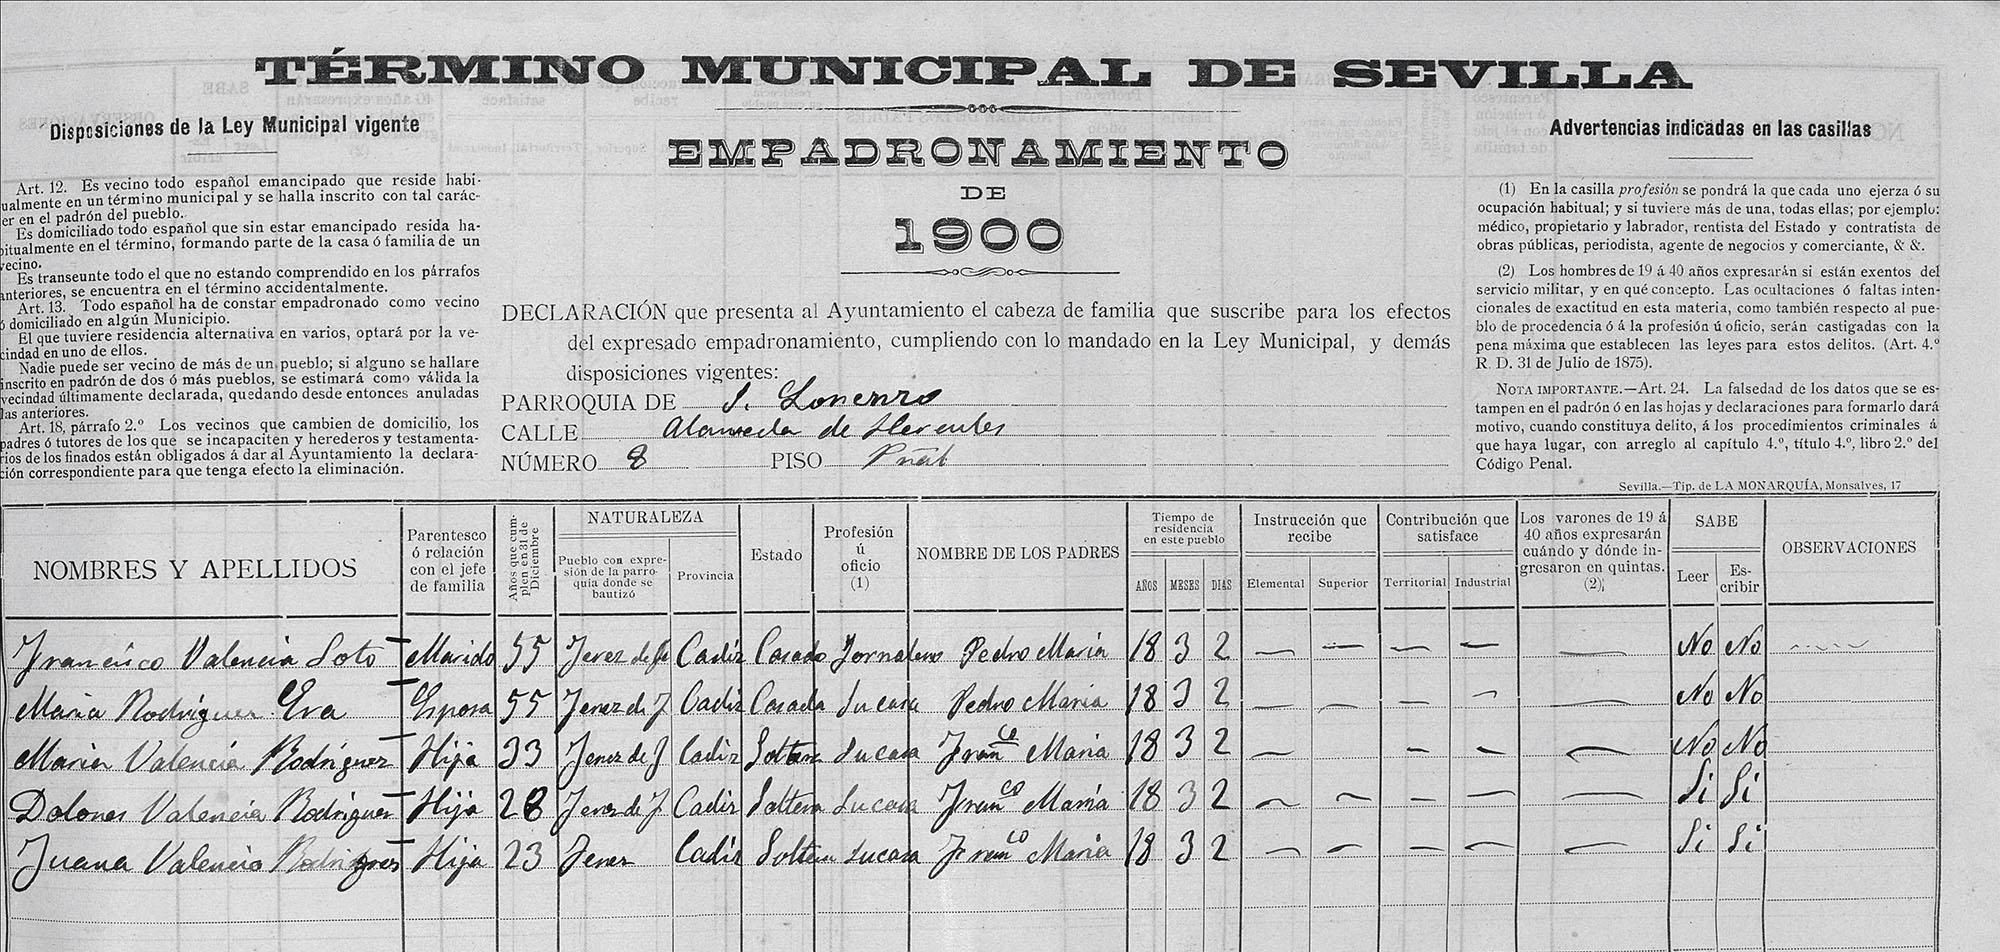 Certificado de empadronamiento de Paco La Luz y familia, 1900. Archivo Manuel Bohórquez.